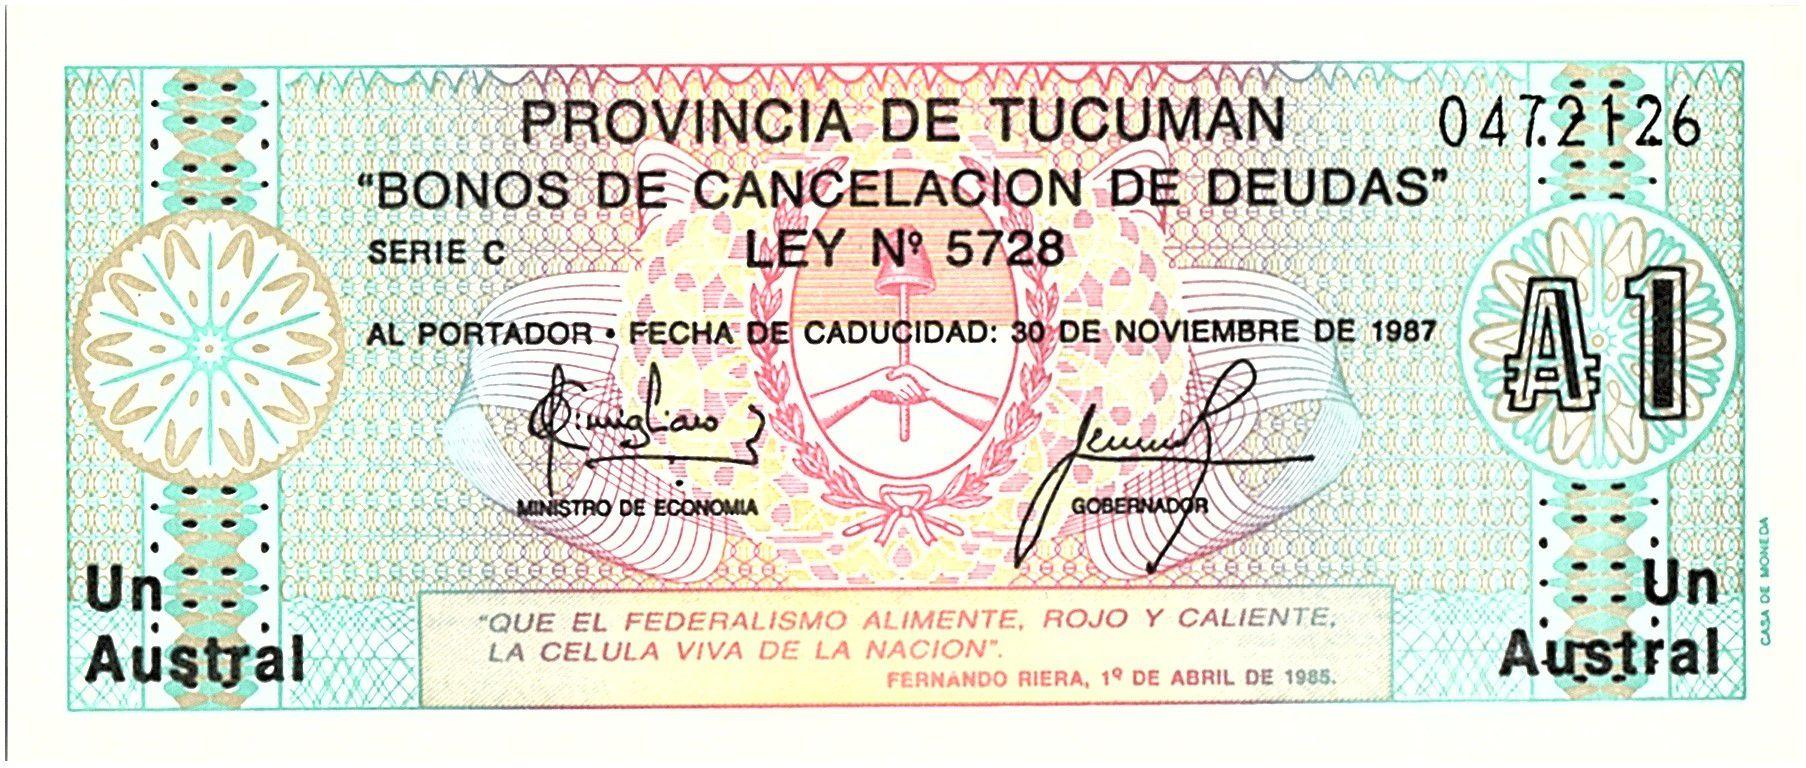 Argentine 1 Austral , Province de Tucuman - 1985